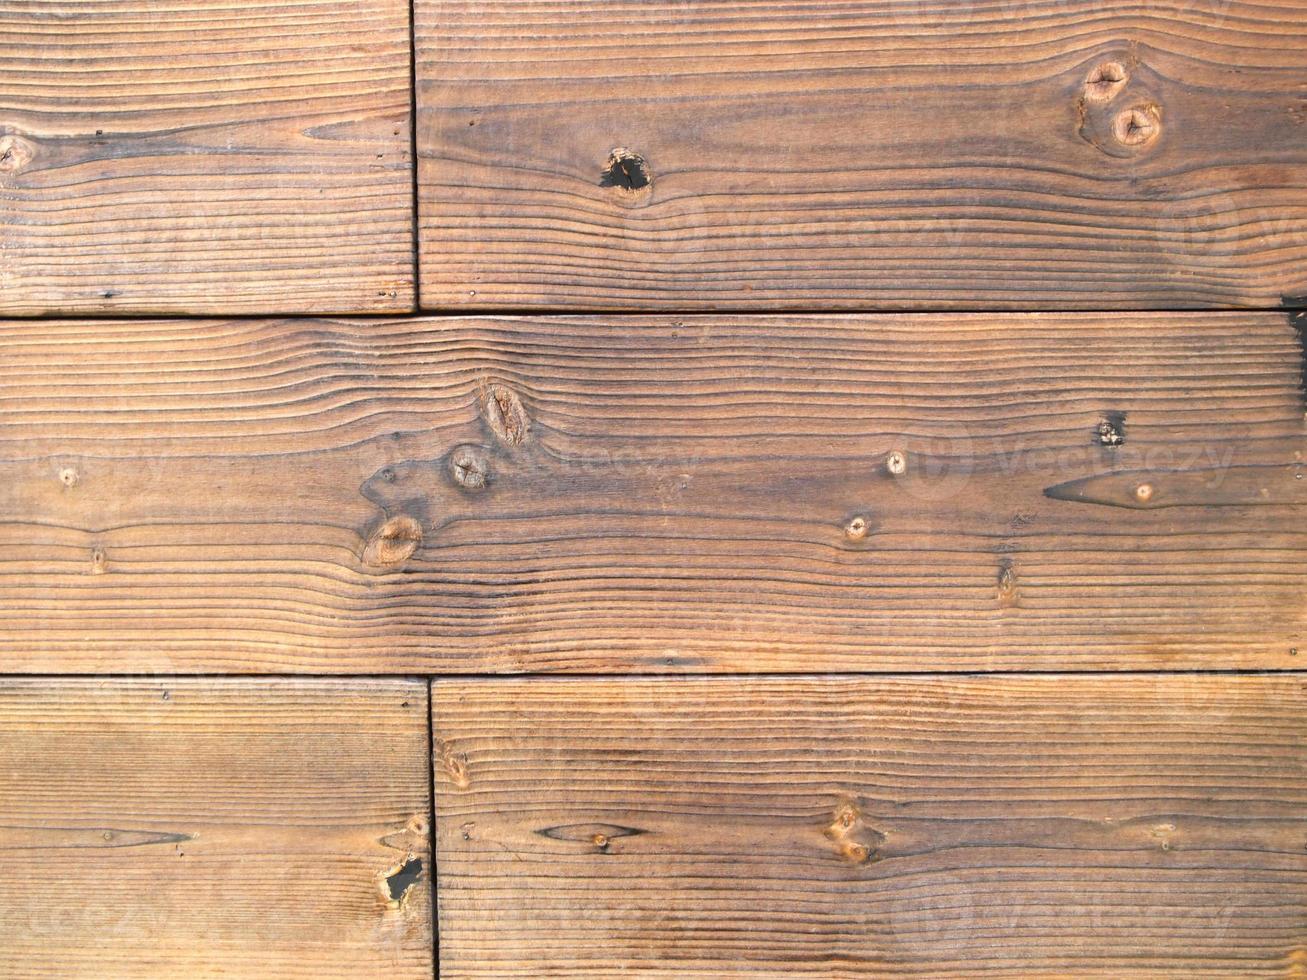 träpaneler som används som bakgrund foto